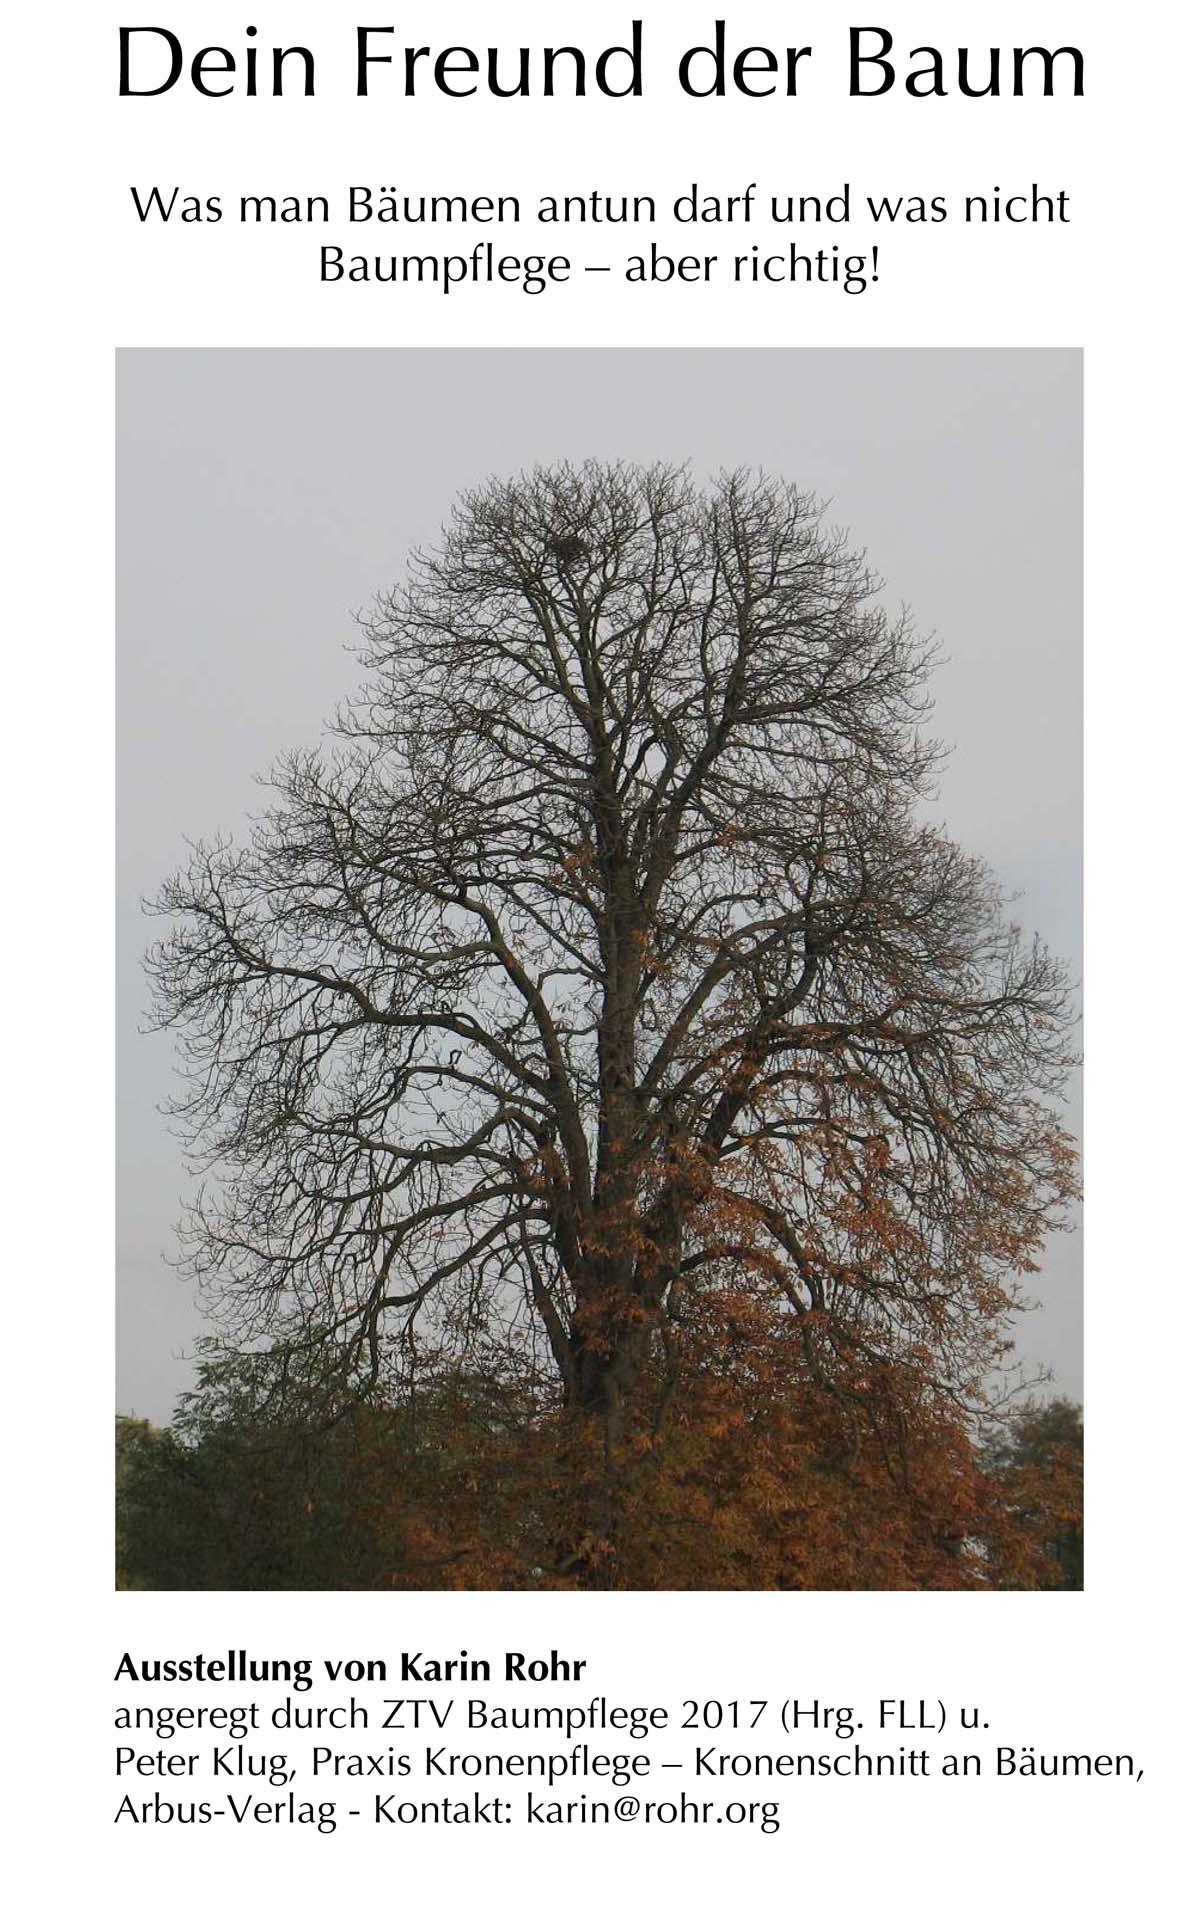 Dein Freund der Baum